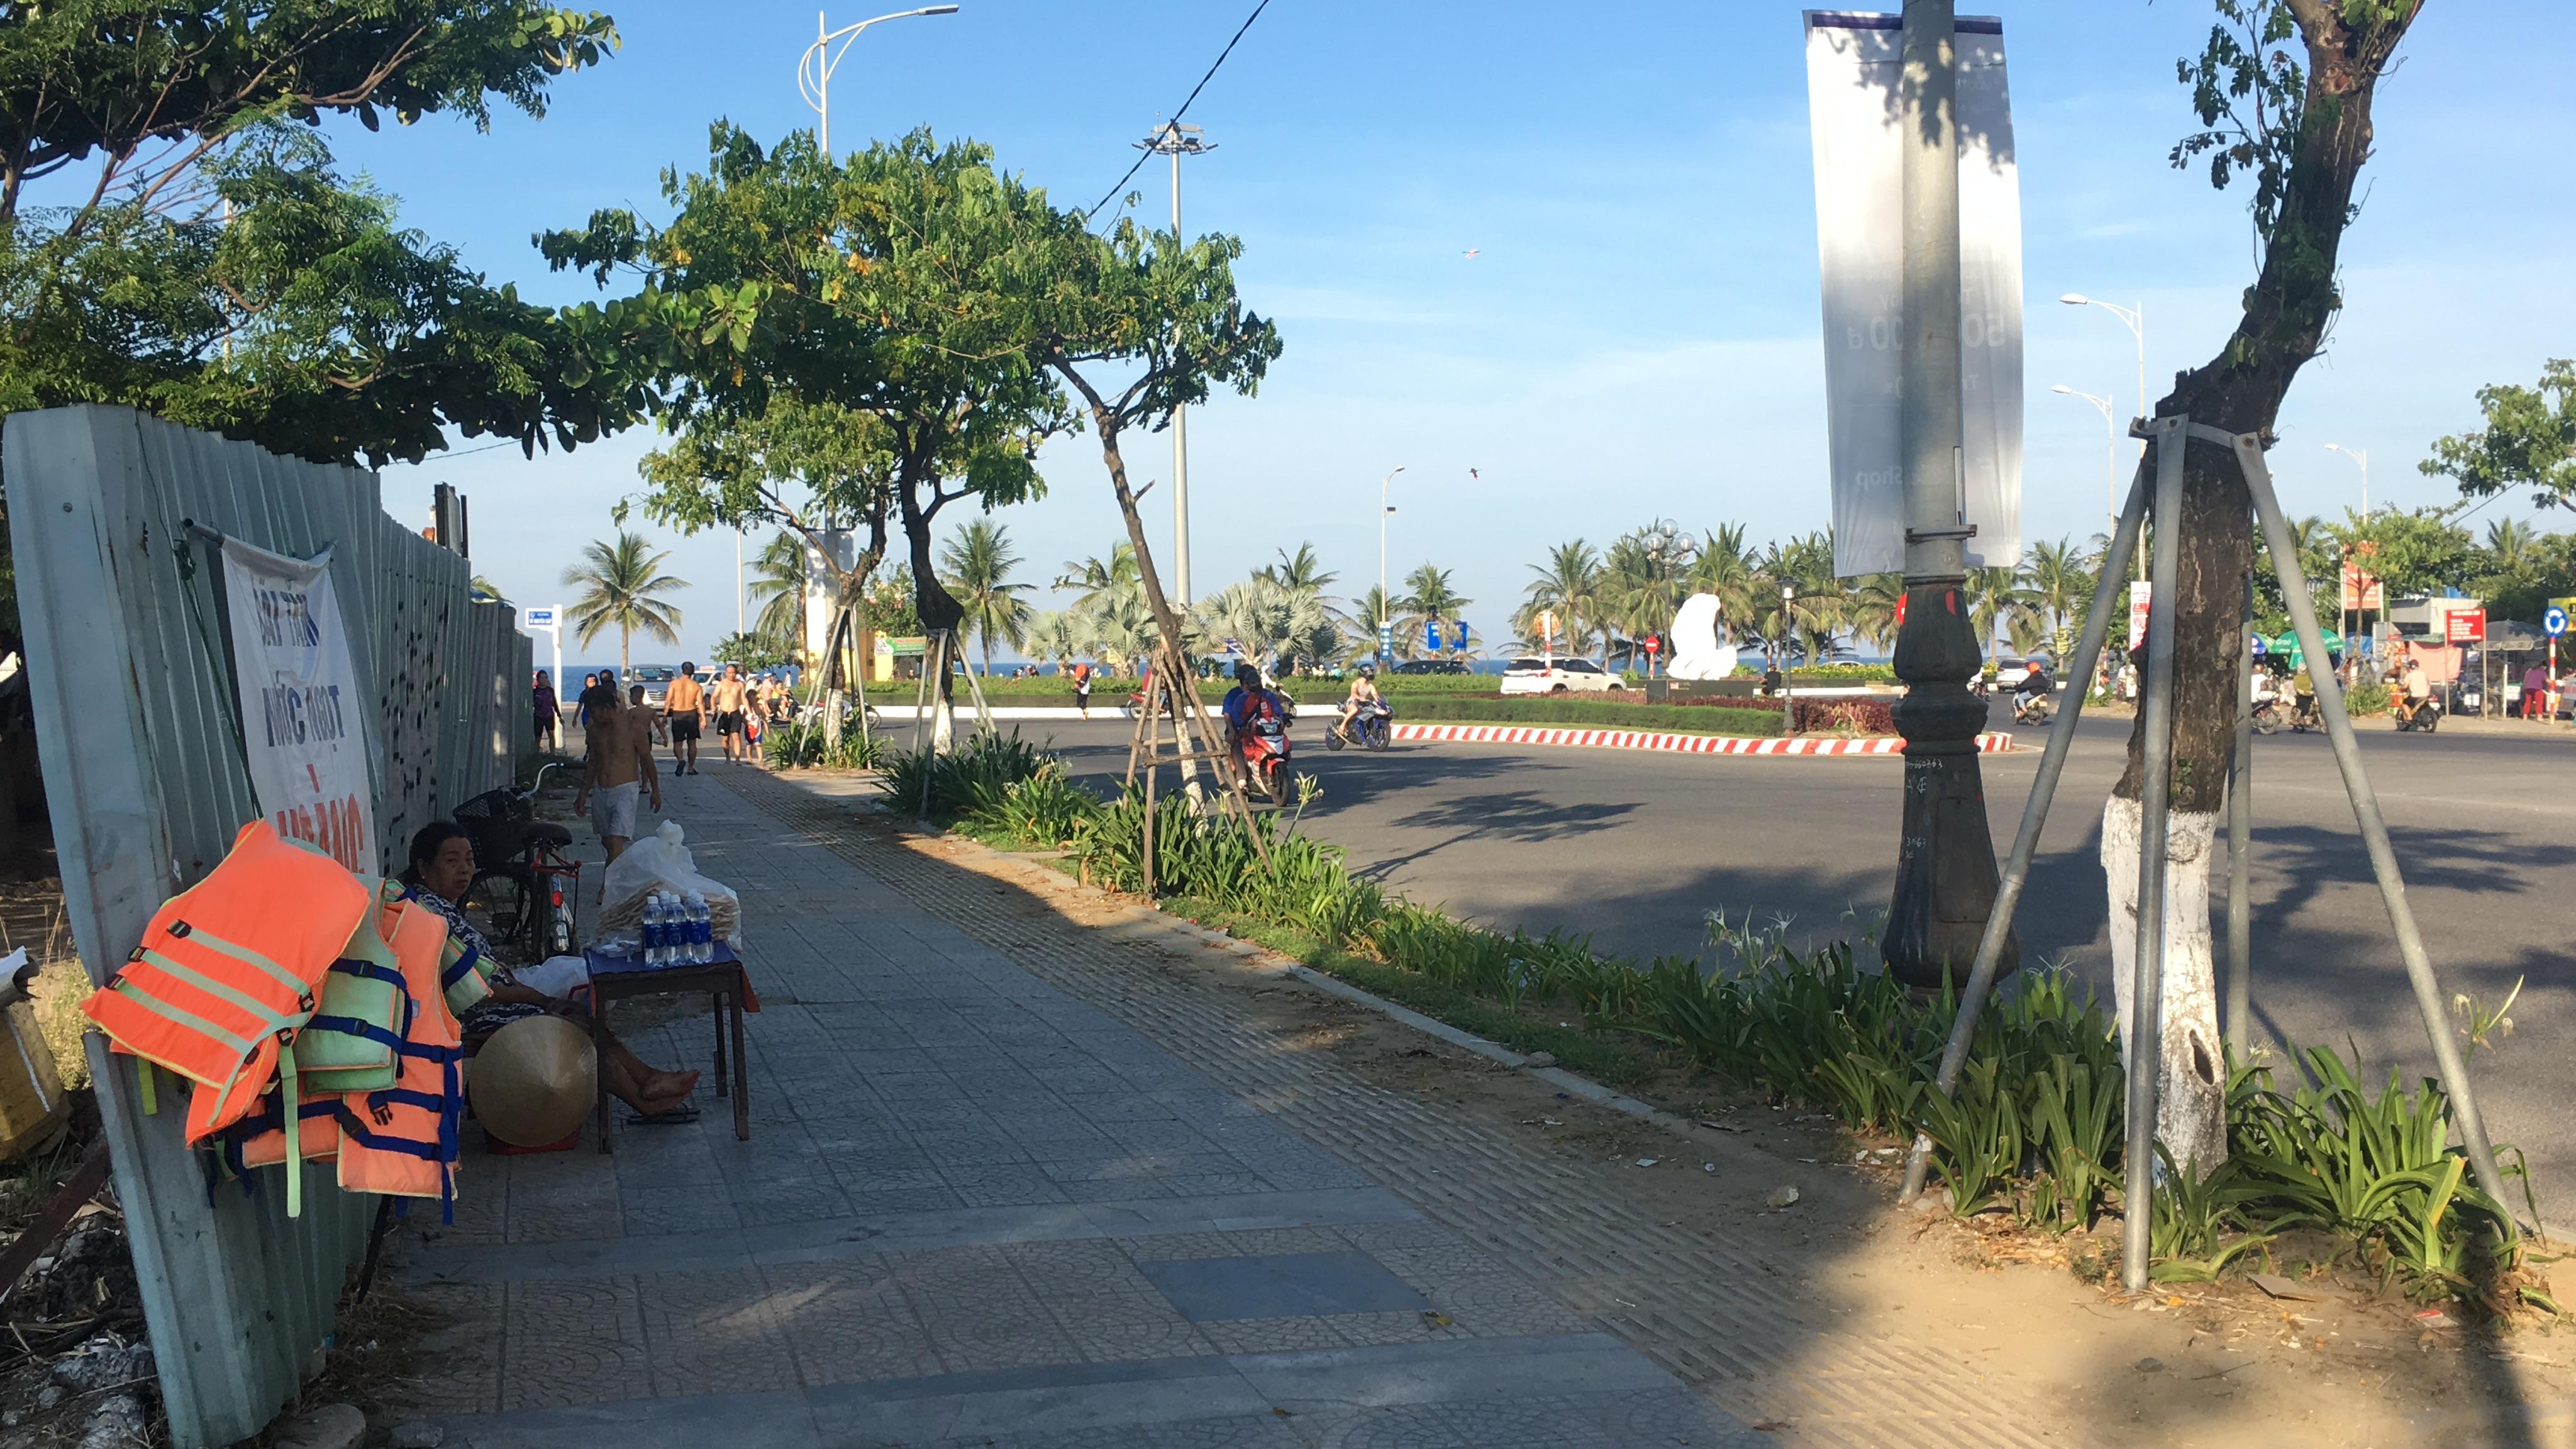 Cận cảnh khu đất ven biển Đà Nẵng sẽ đấu giá làm dự án Trung tâm tài chính, thương mại, casino 2 tỉ USD - Ảnh 8.